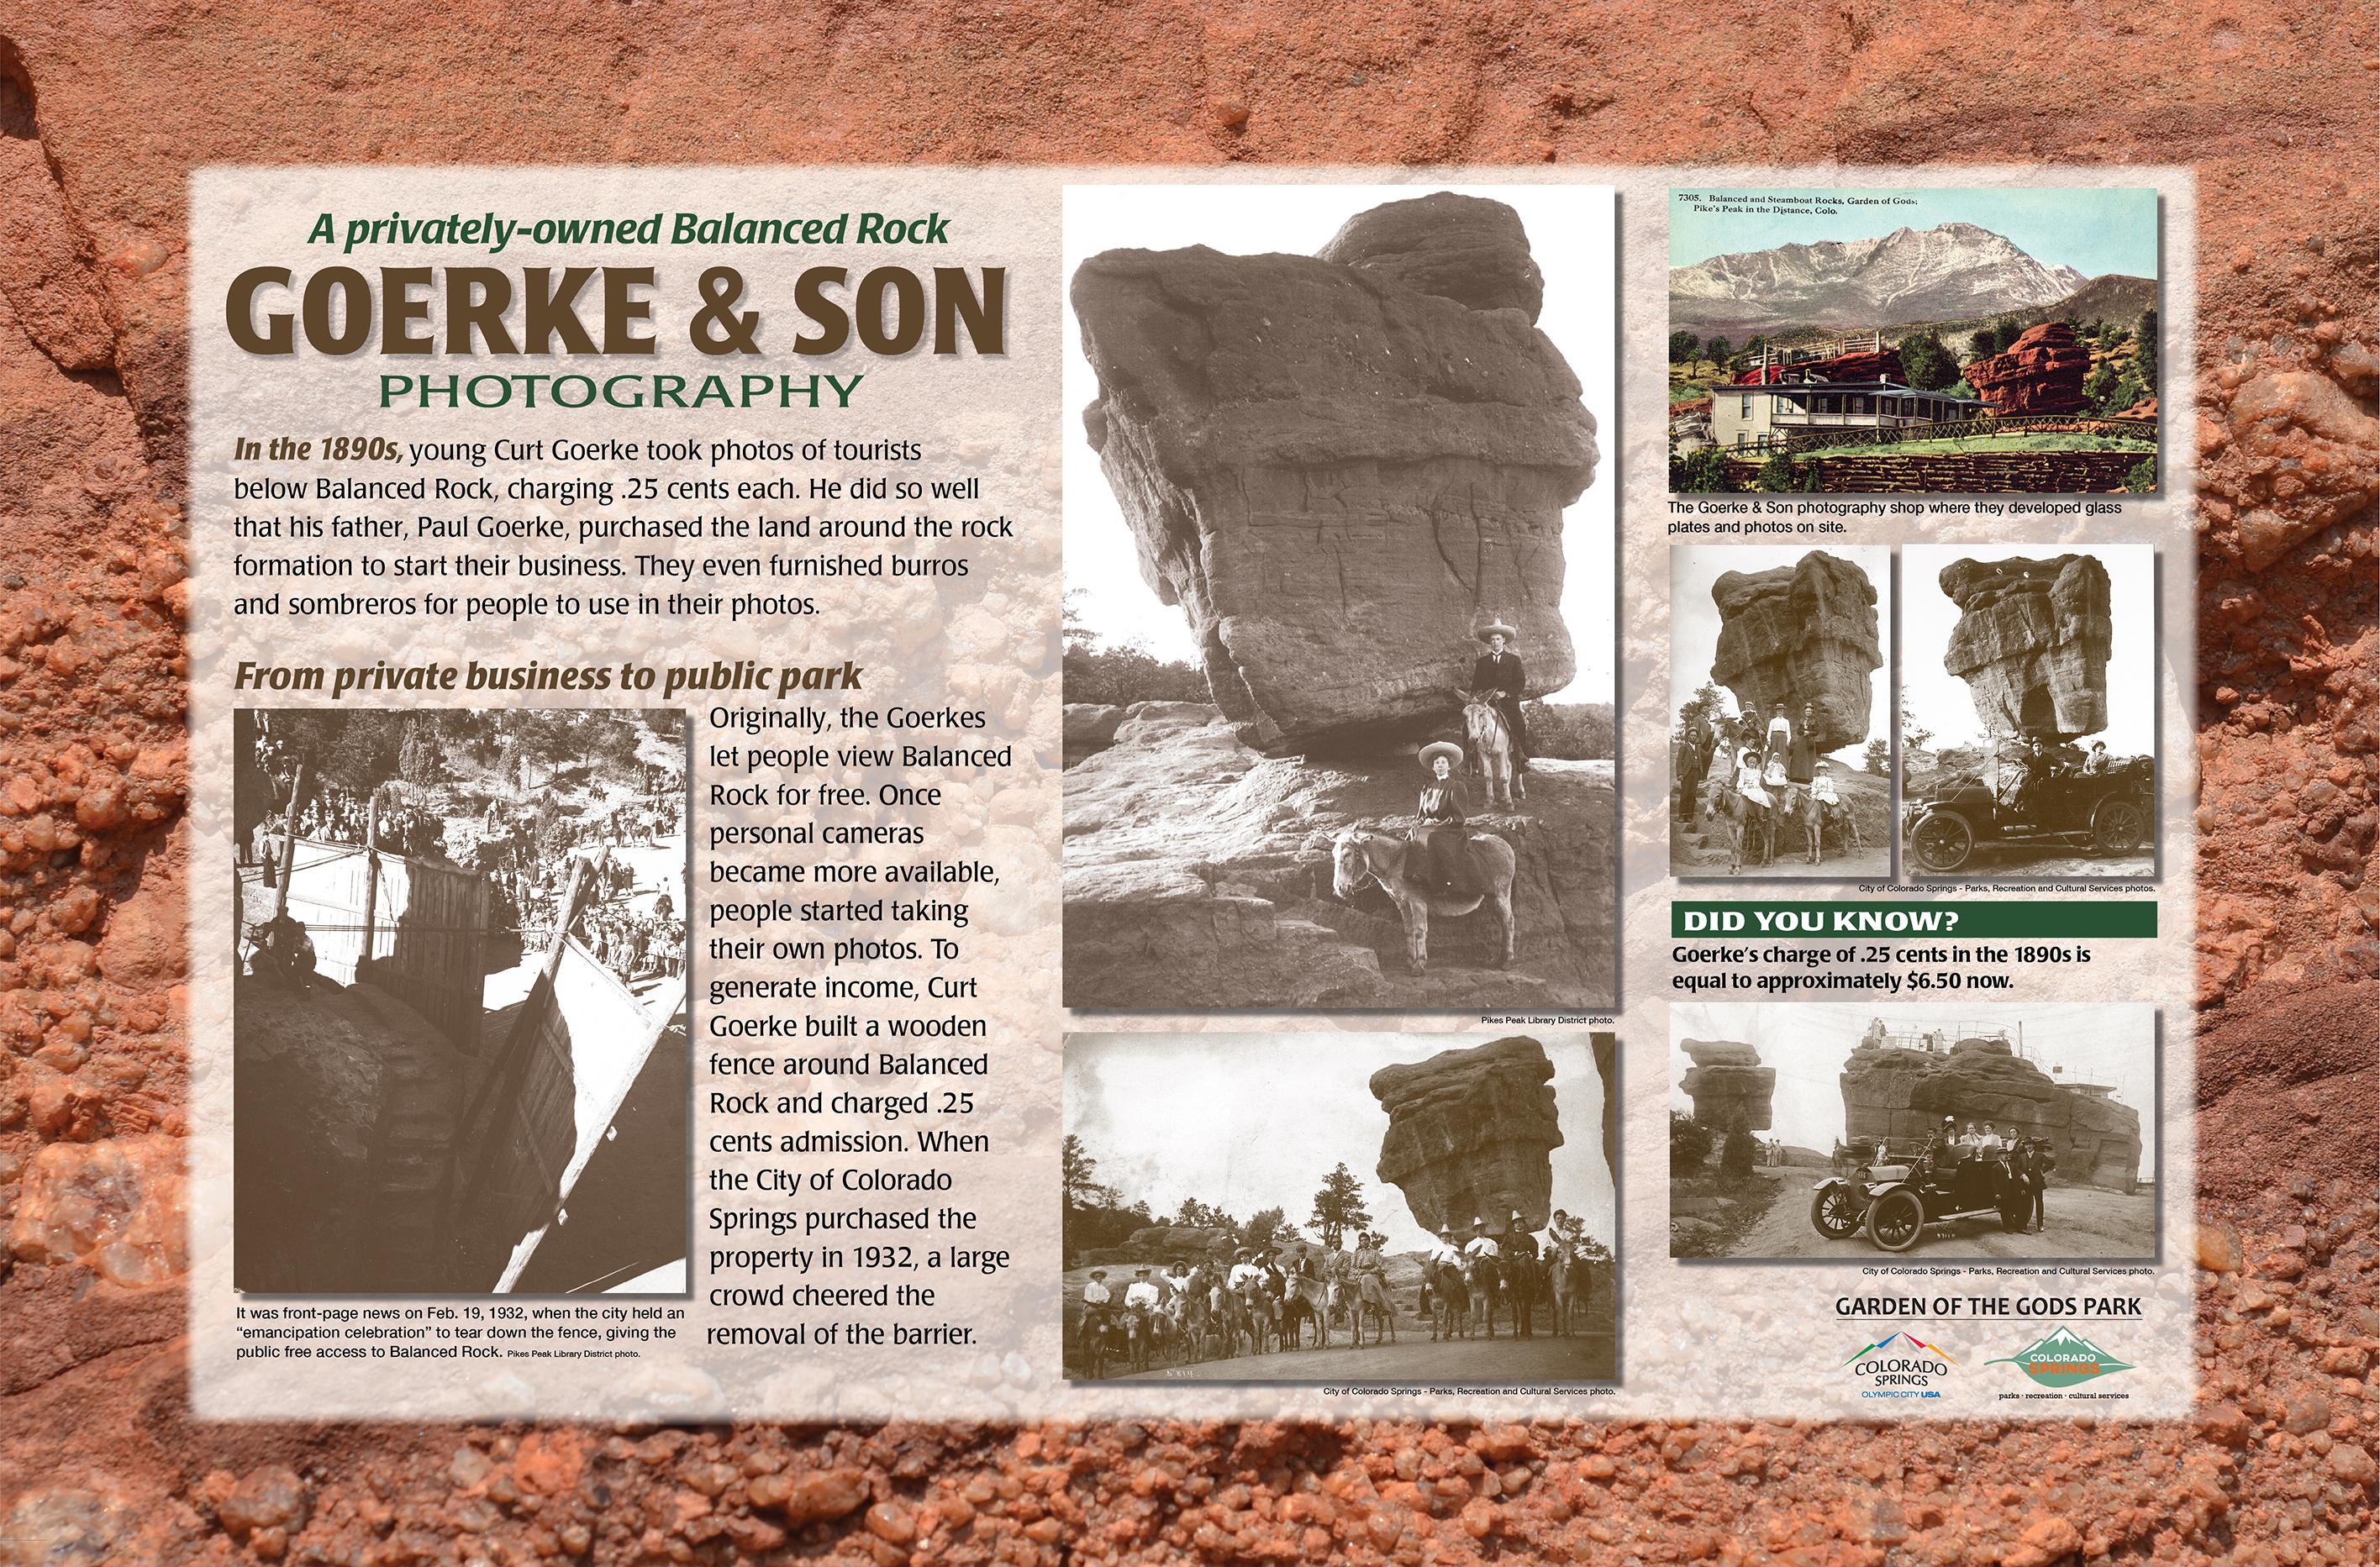 Goerke & Son